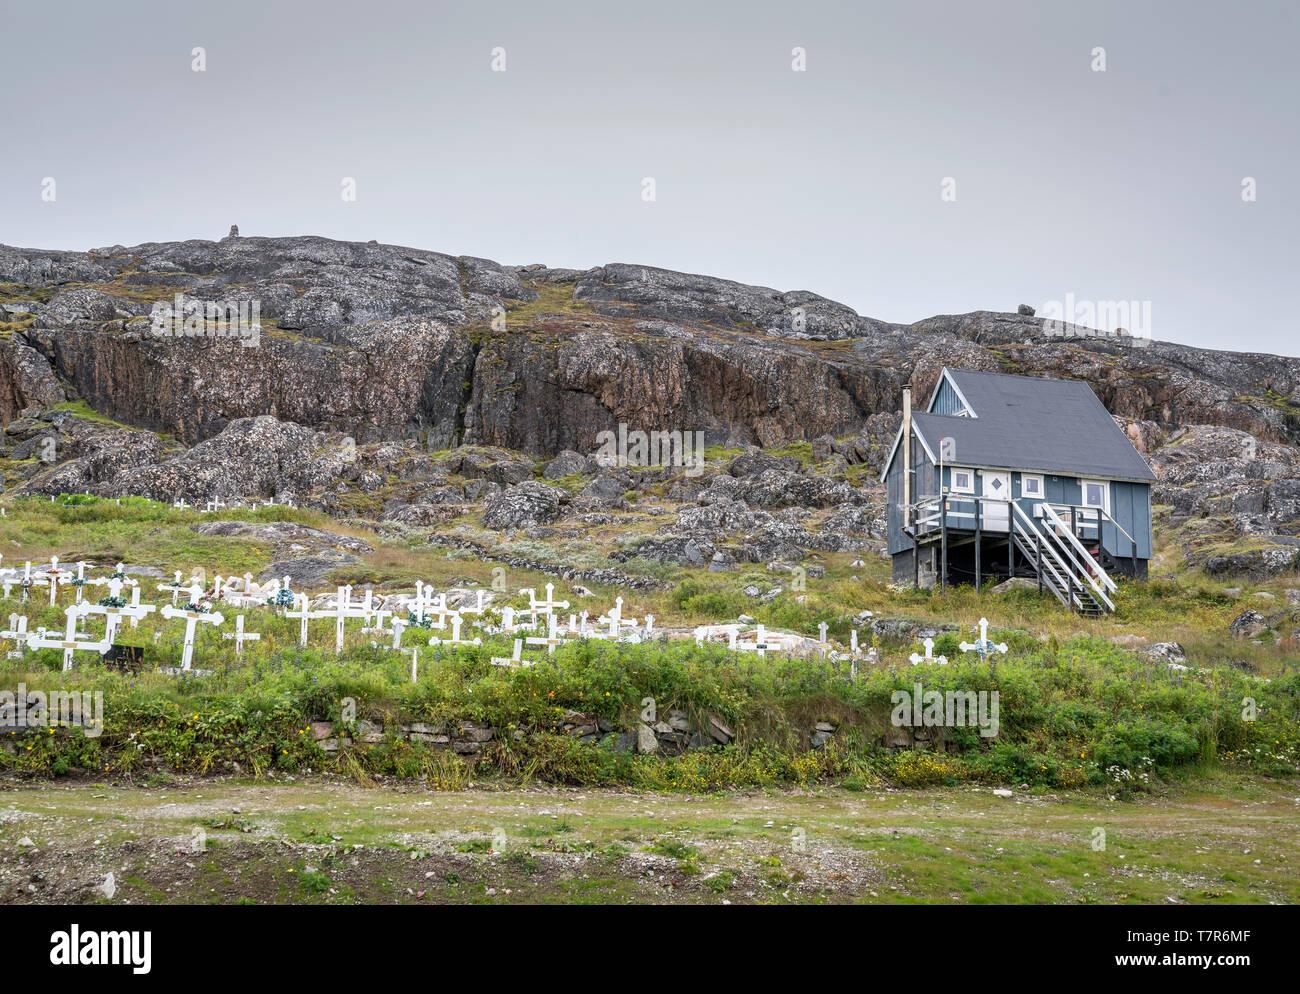 Graveyard, Qaqortoq, Greenland - Stock Image